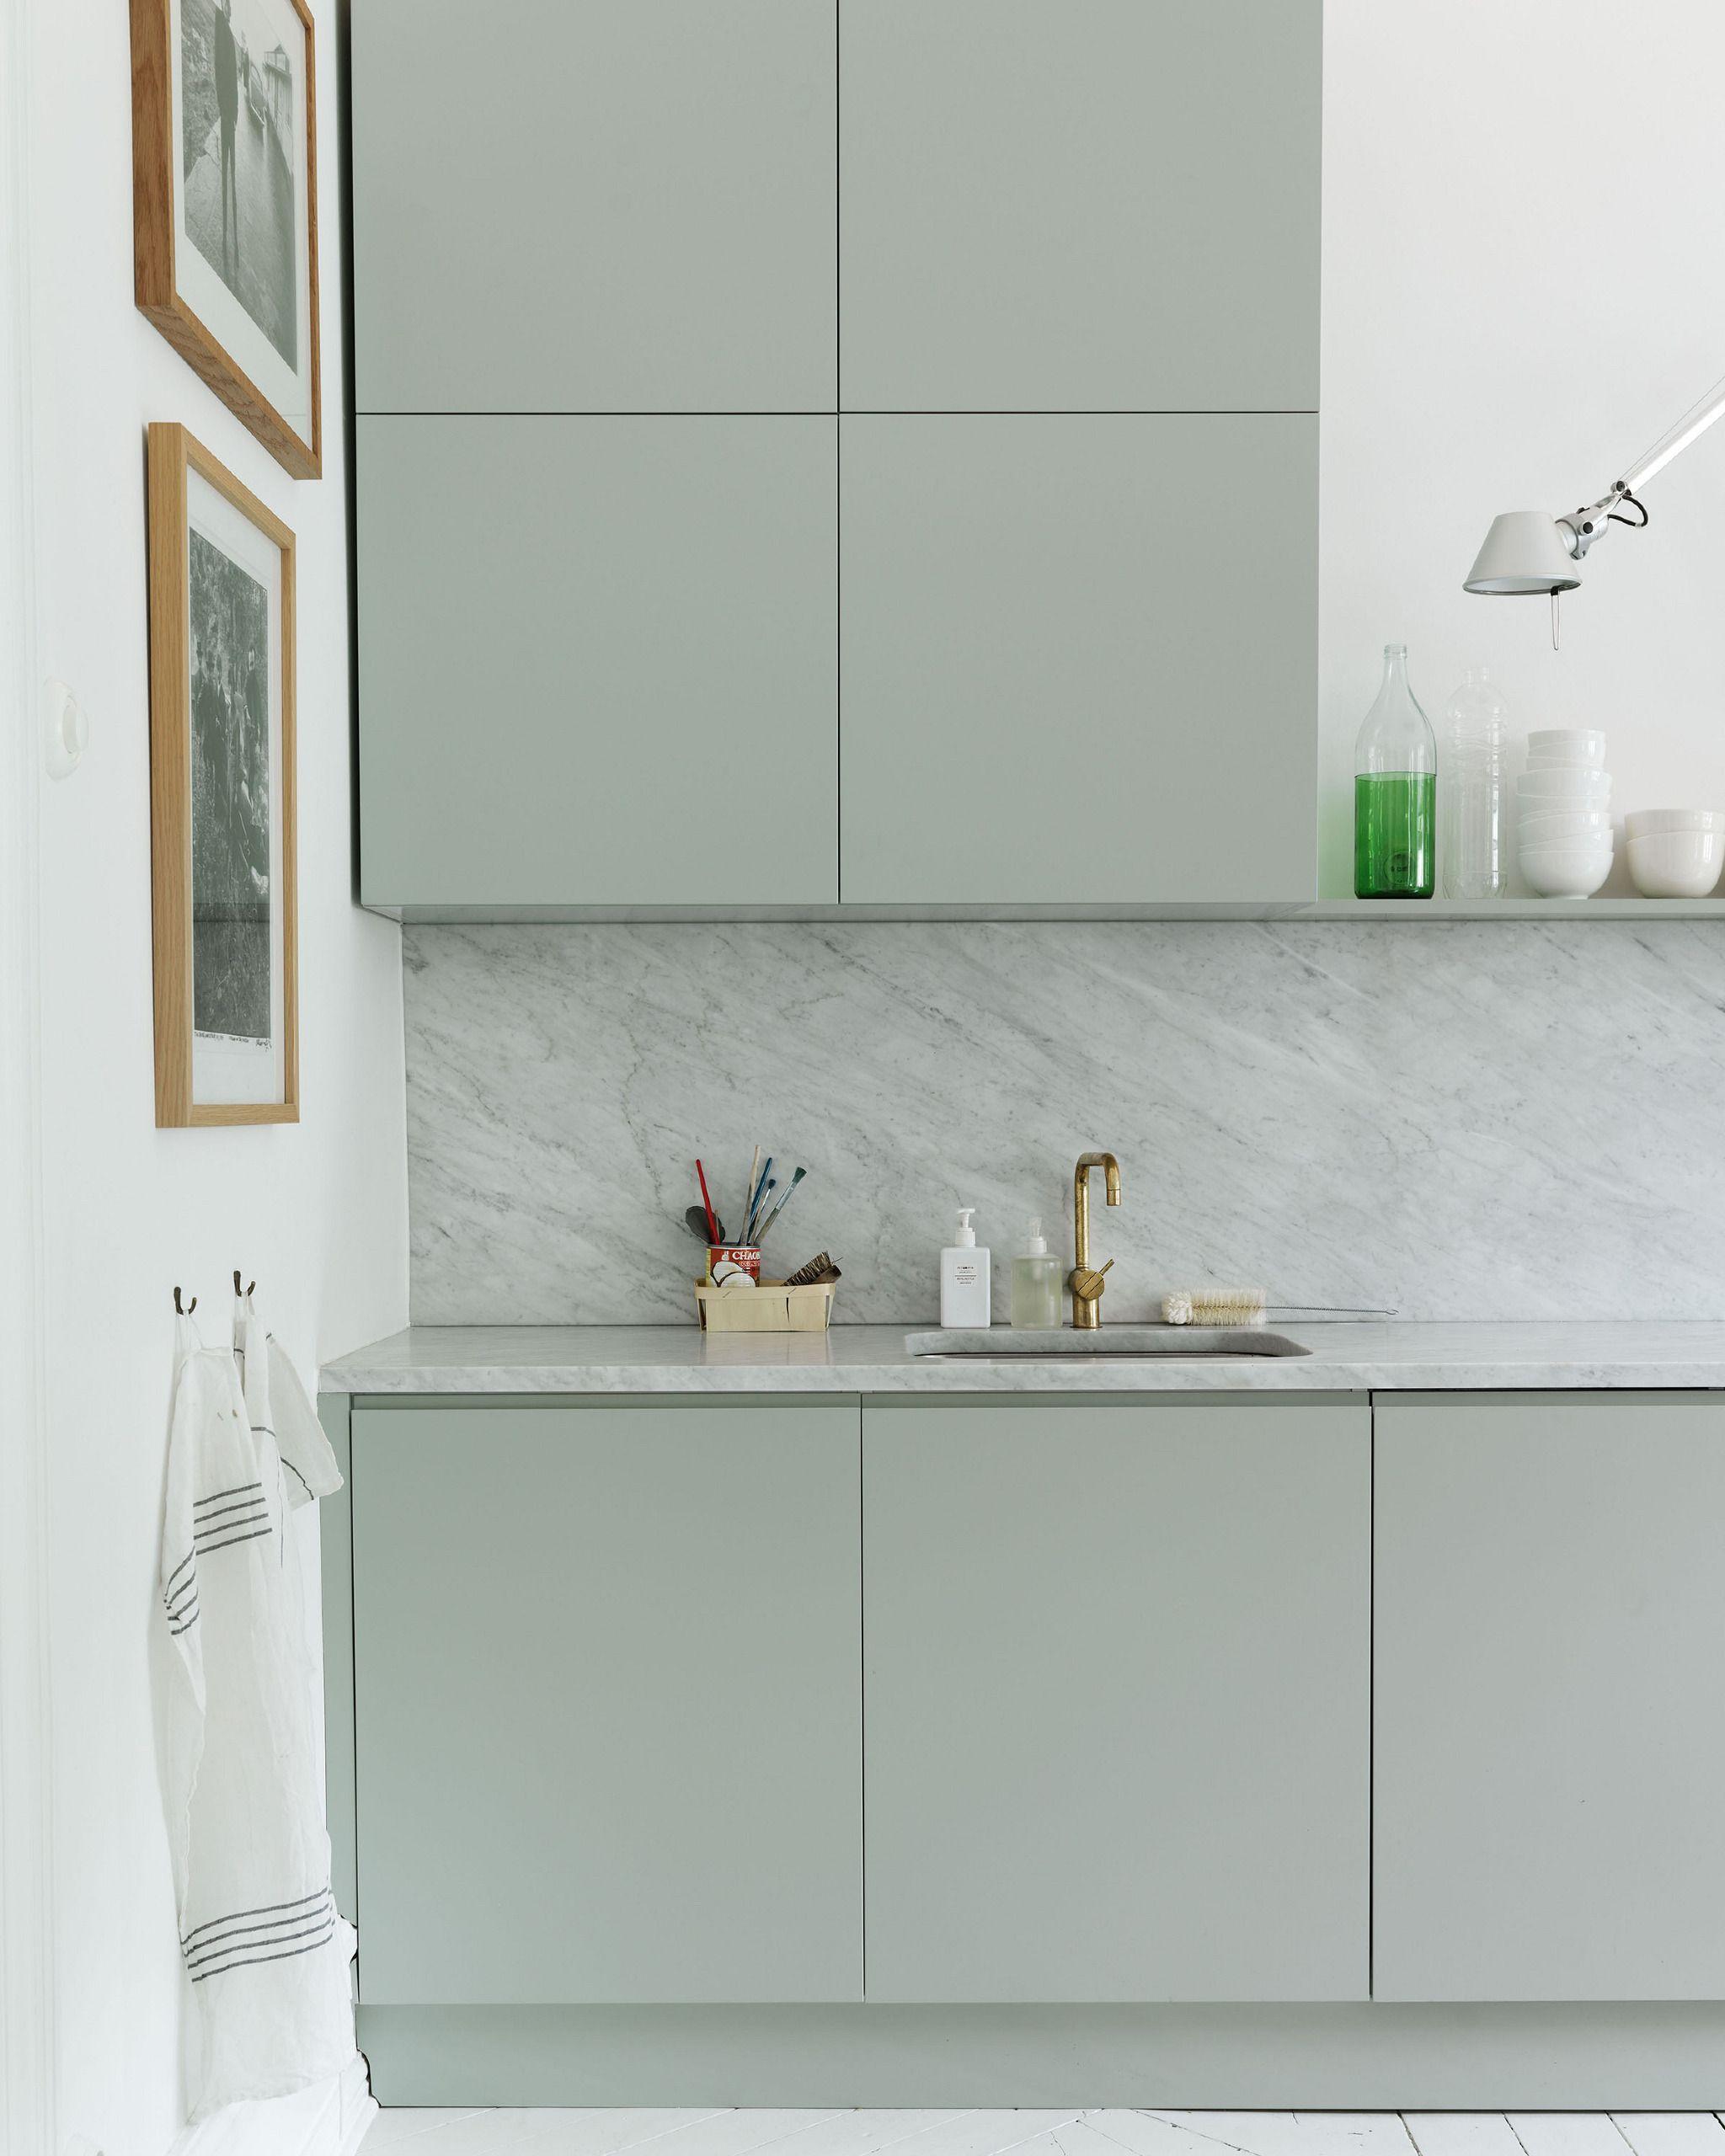 Cocina con armarios decoradosen un tono verde empolvado